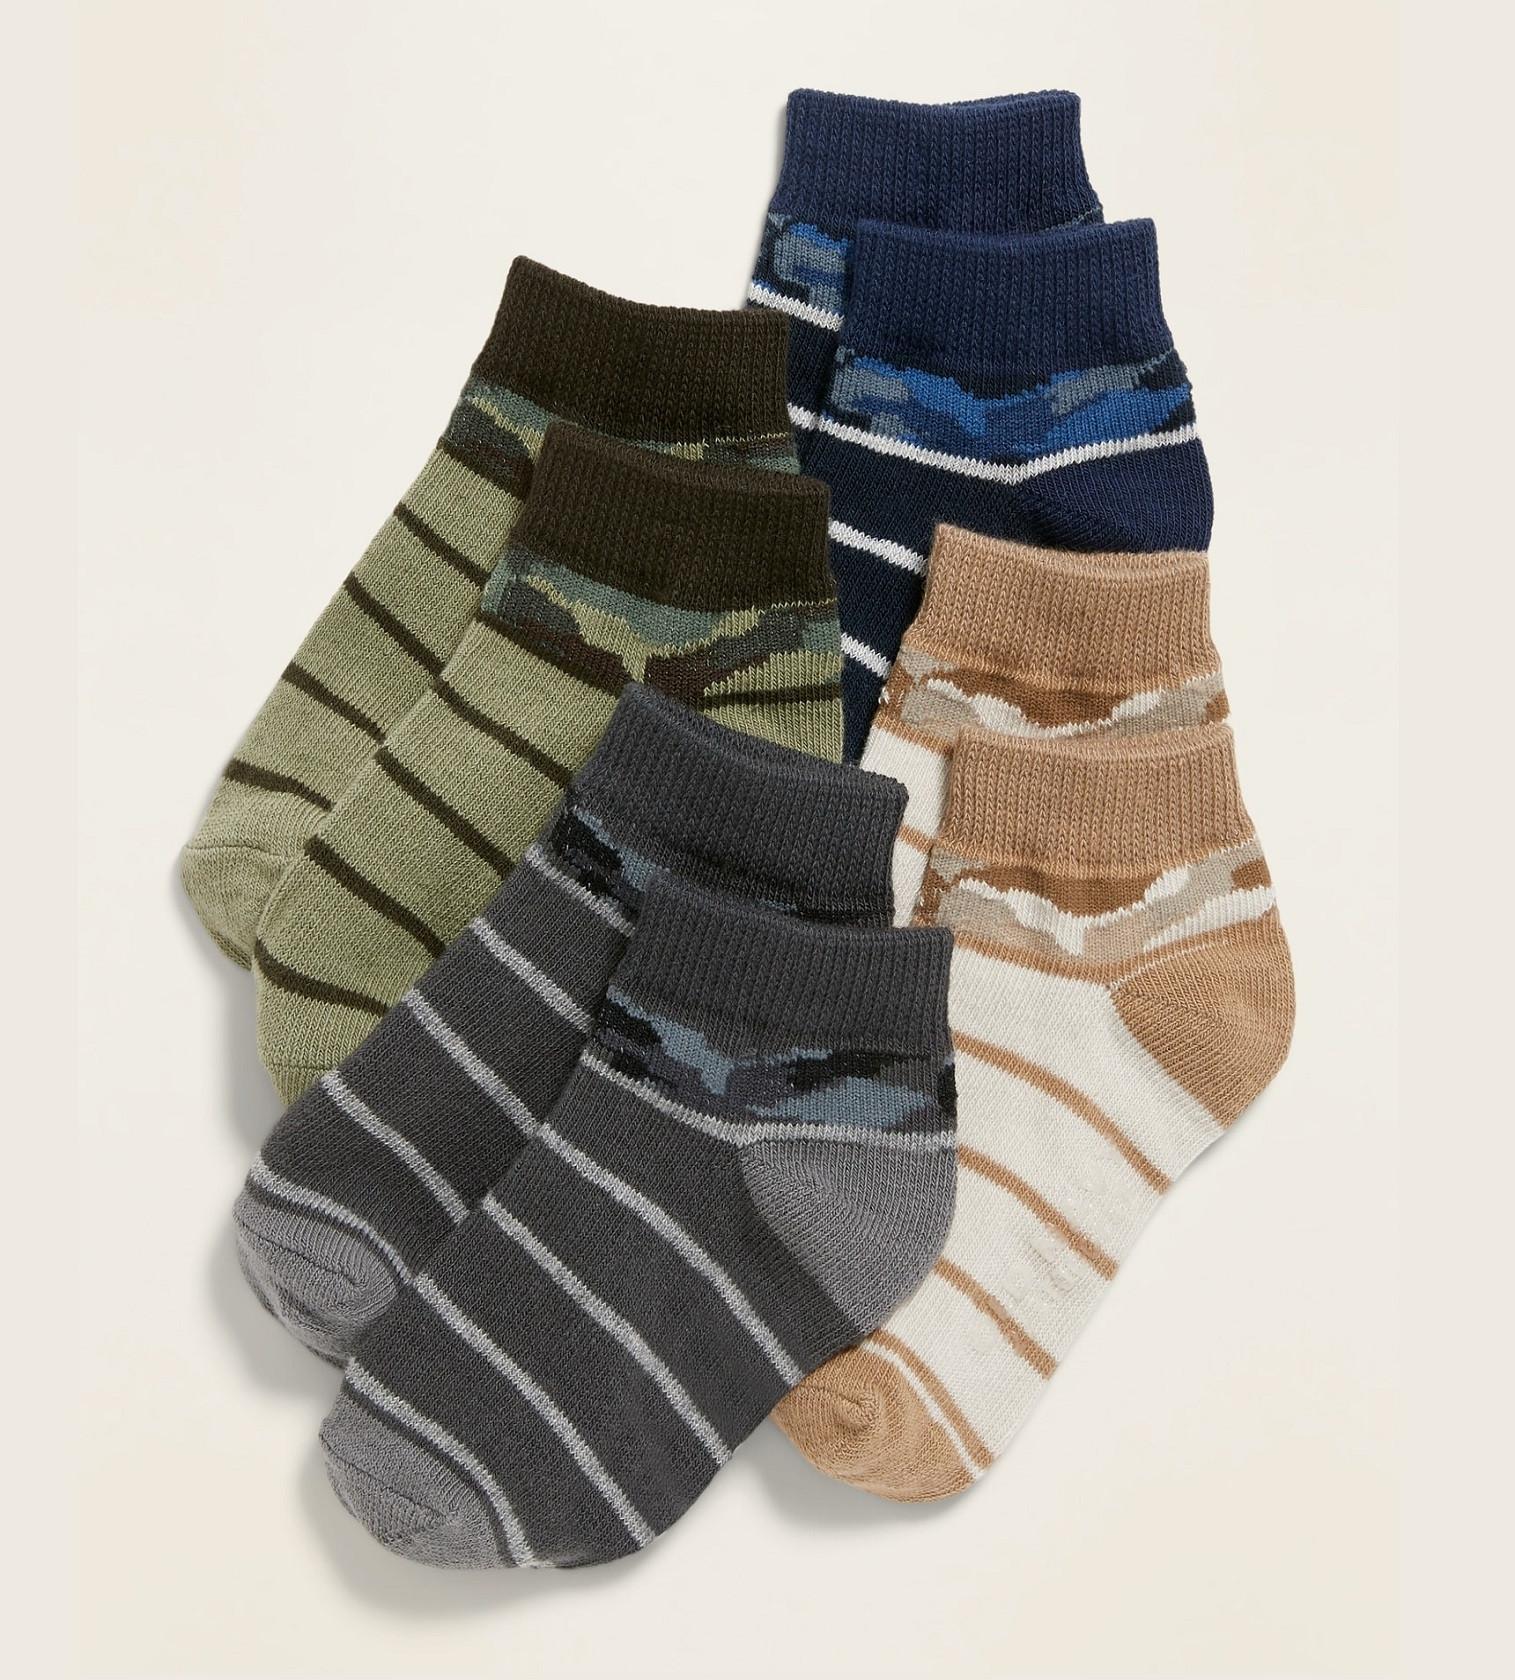 Купити Набір шкарпеток Camo-Print Ankle Socks 4-Pack Old Navy - фото 1